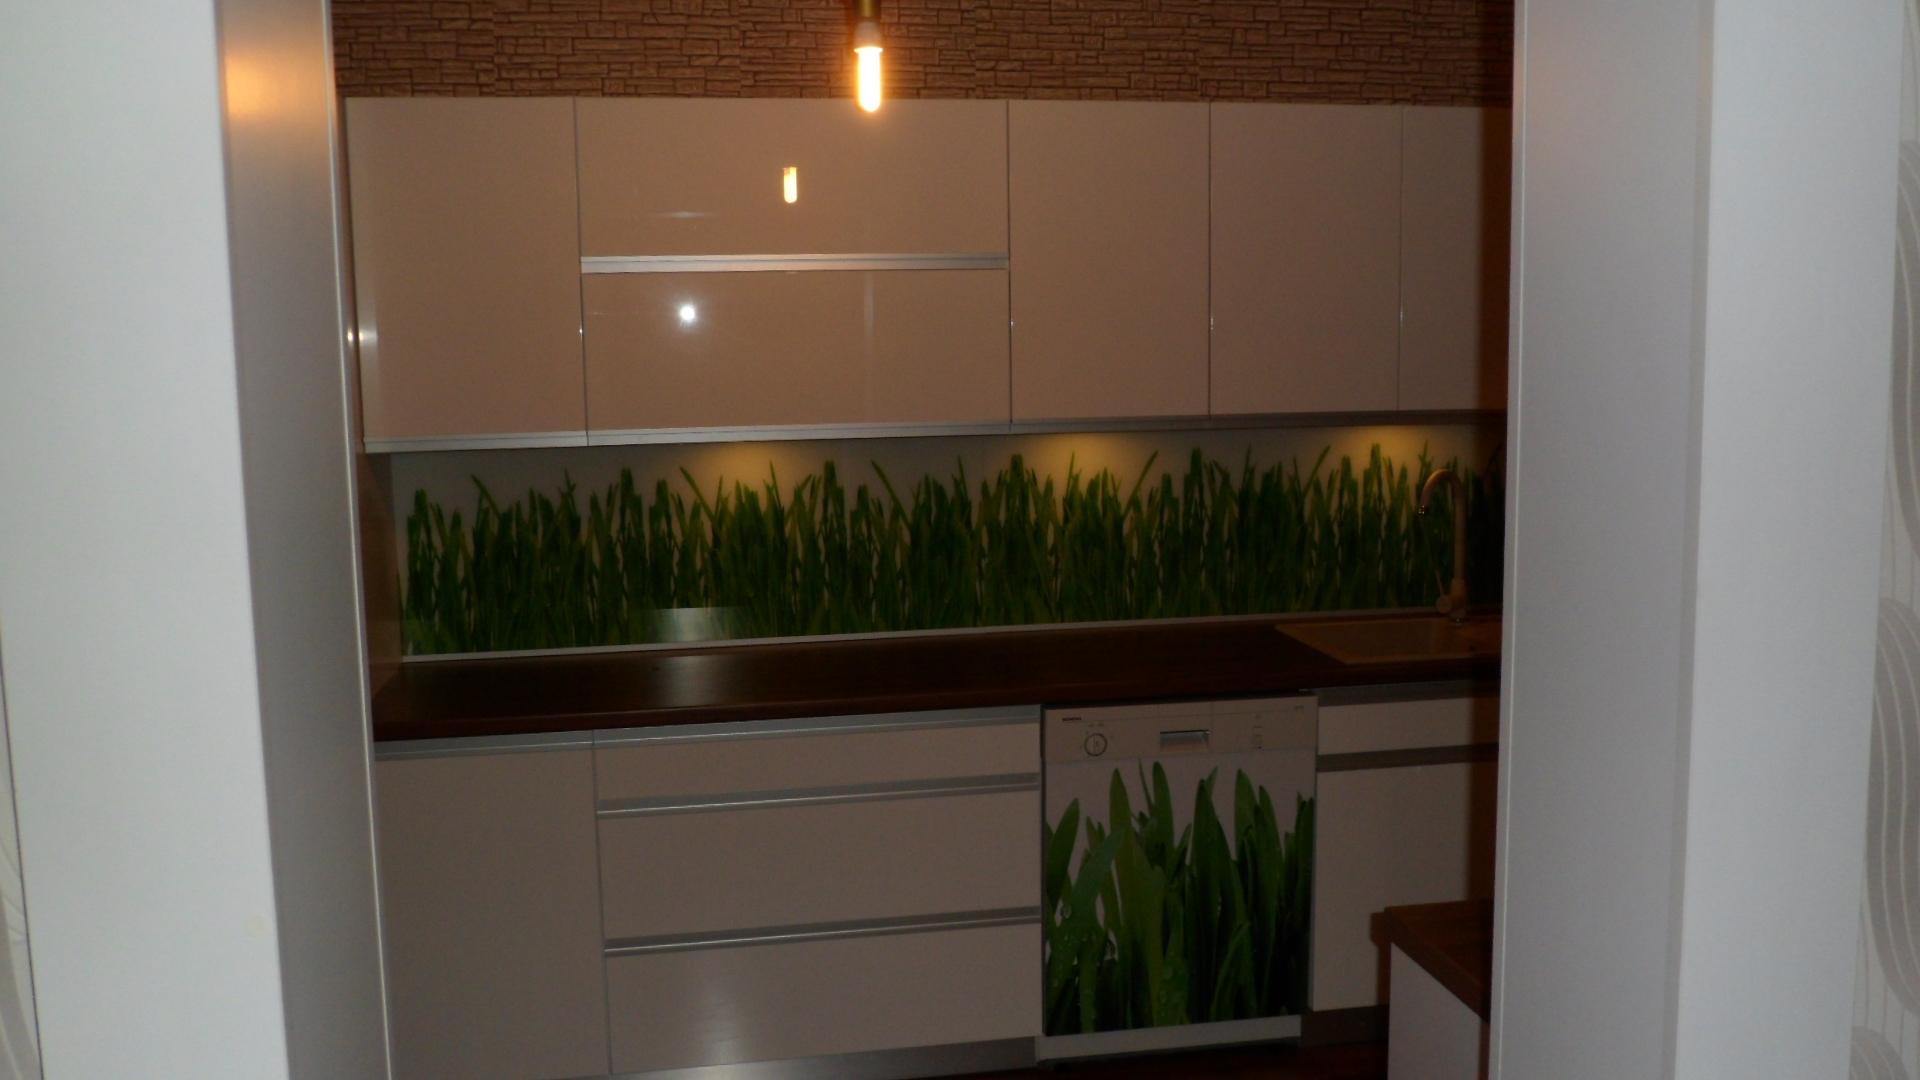 Oswietlenie kuchni 2